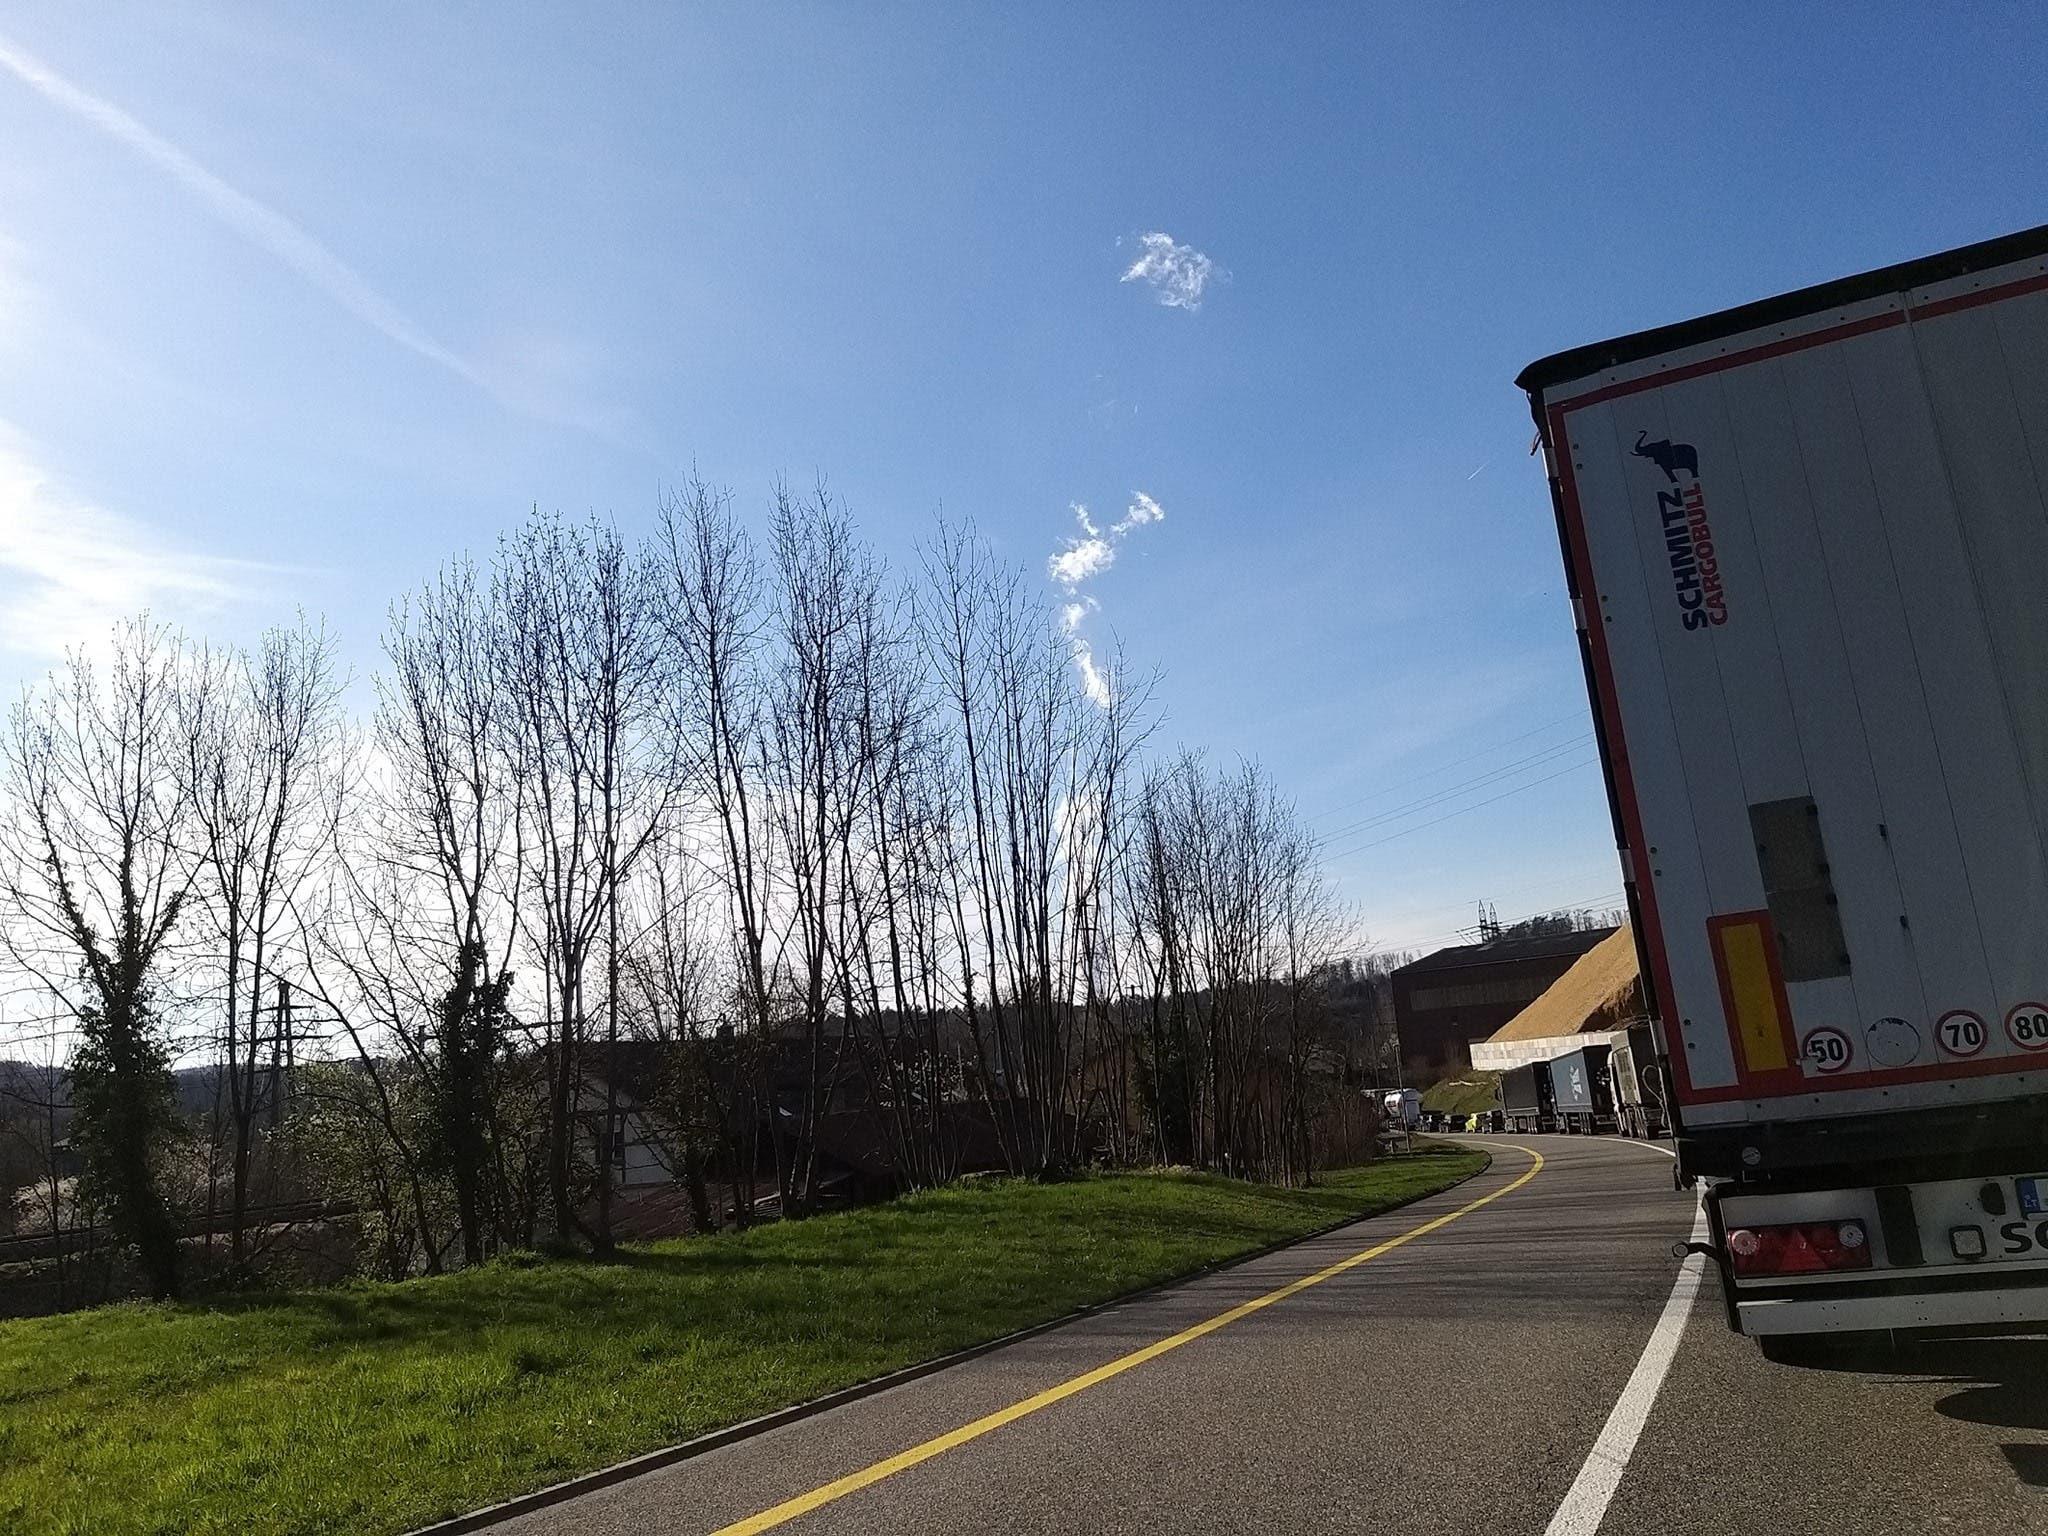 """Stau wegen Grenzübergang Koblenz: """"Halbstundenweise bewegt sich gar nichts"""", schrieb eine Frau auf Facebook."""